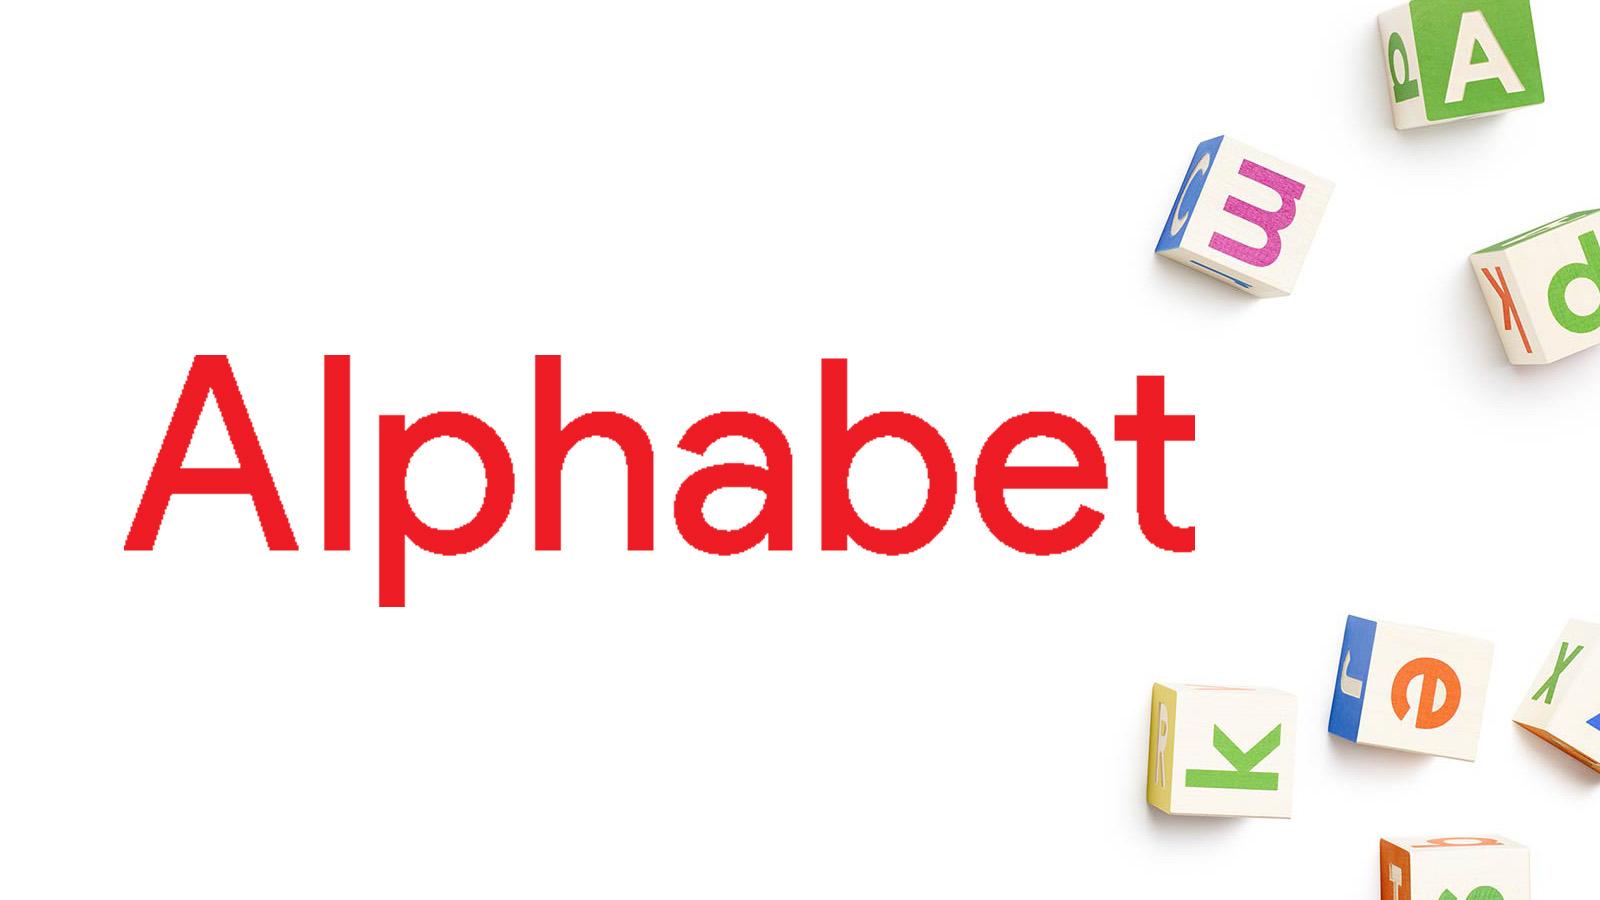 Resultado de imagem para alphabet inc